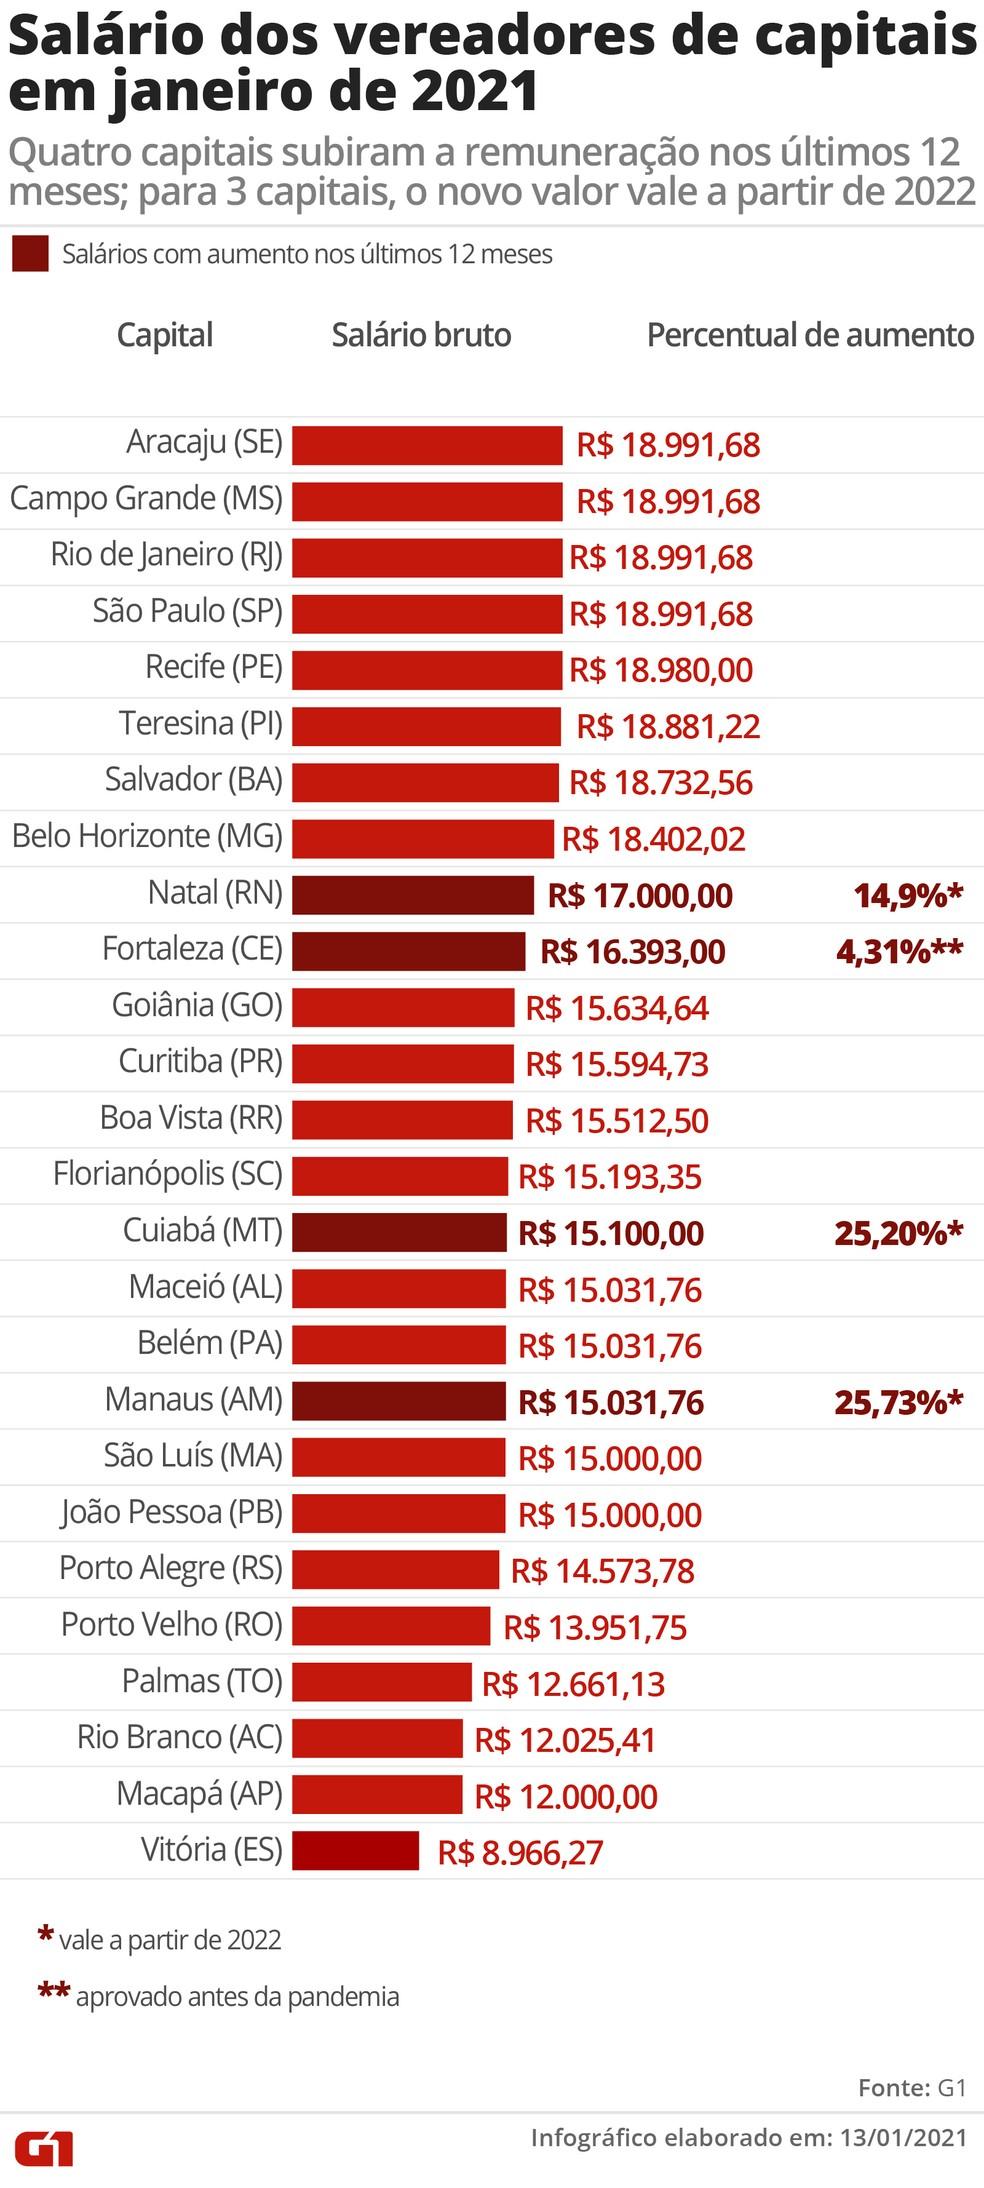 Salário dos vereadores de capitais em janeiro de 2021 — Foto: Wagner Magalhães / G1